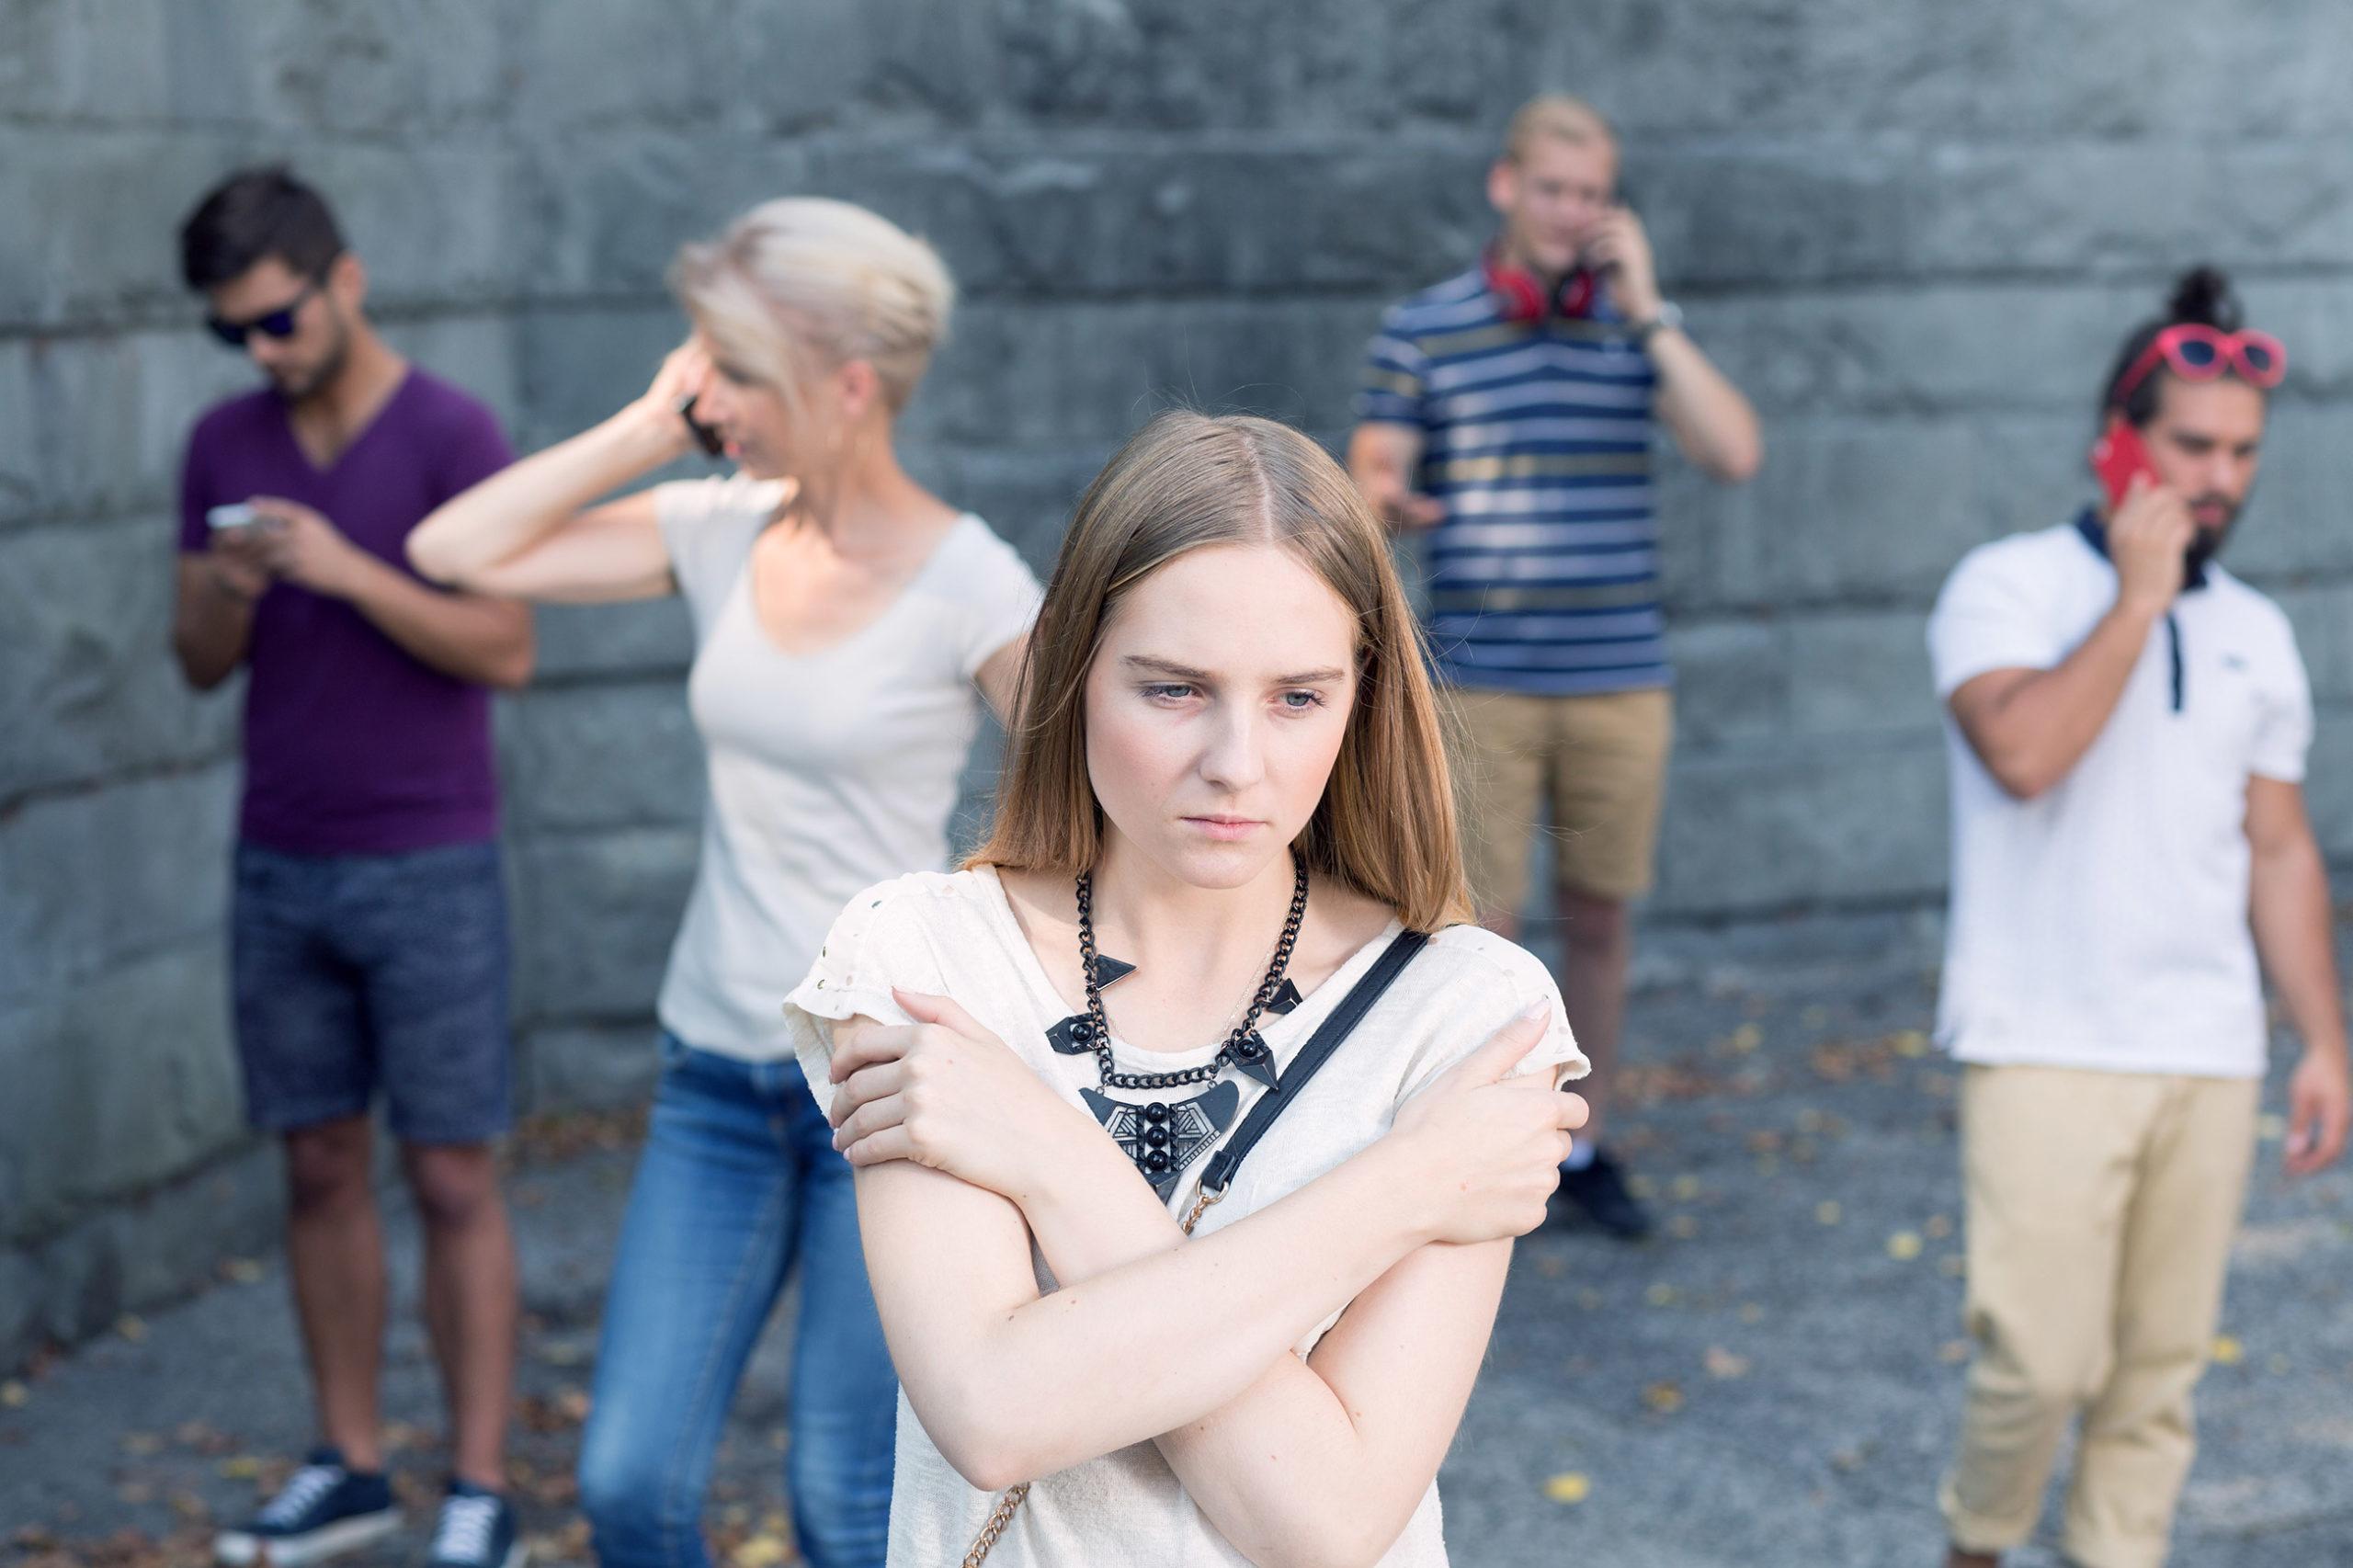 10 популярных фобий: возможно, вы тоже этого боитесь